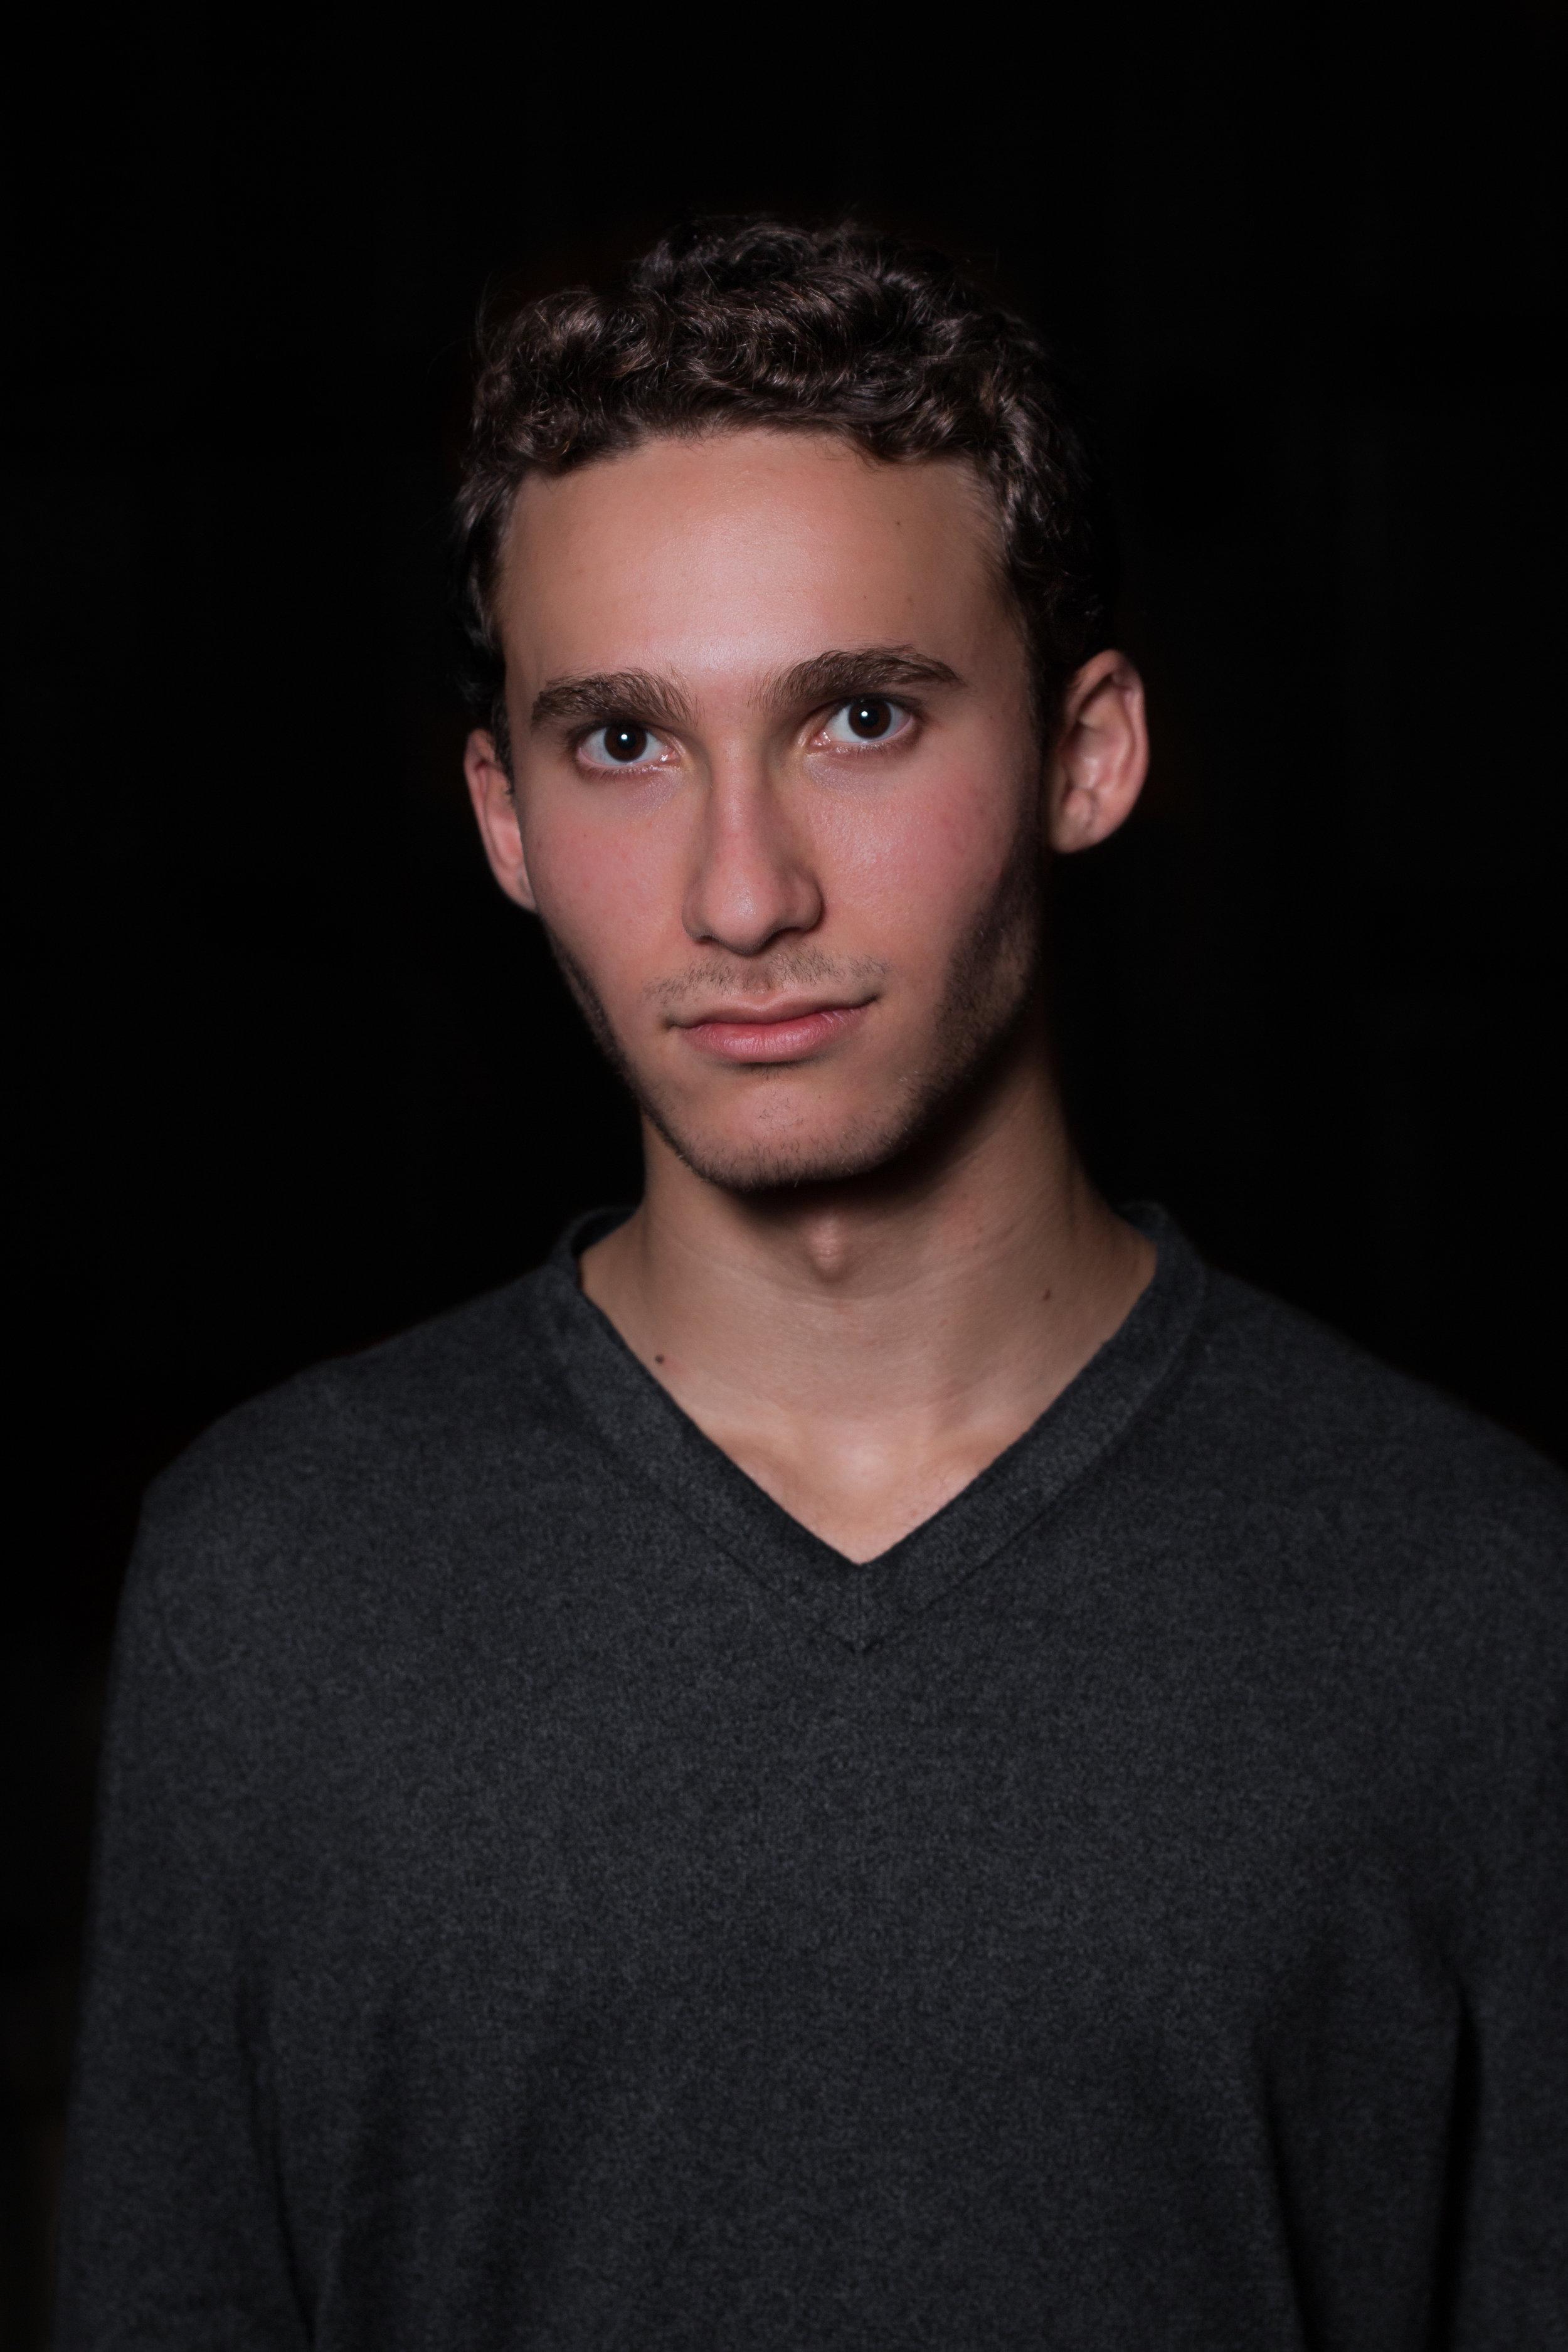 """Adam Benamram  '22 - Baritone/Tenor  Major - Undeclared  Random Fact -  """"I eat Doritos with chopsticks like you're meant to"""""""